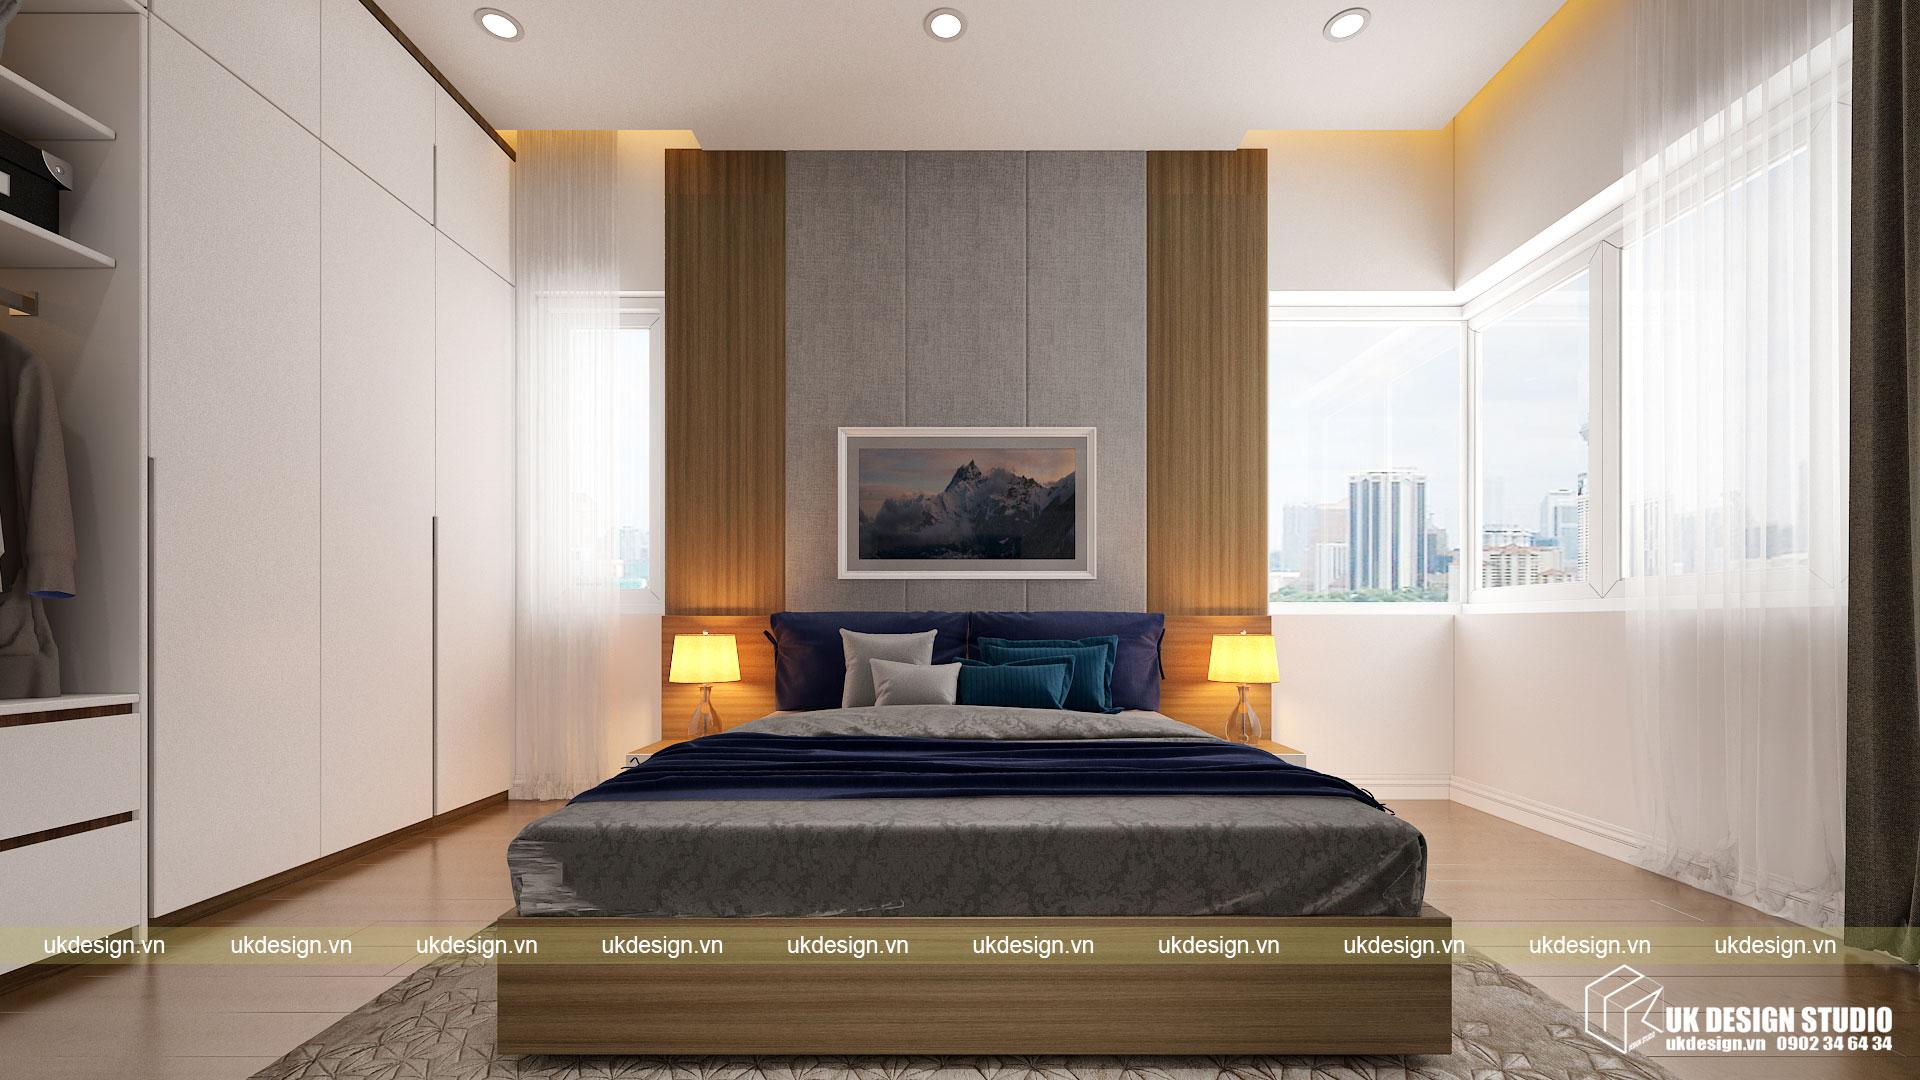 Thiết kế nội thất căn hộ 60m2 Hưng Lộc Phát 8